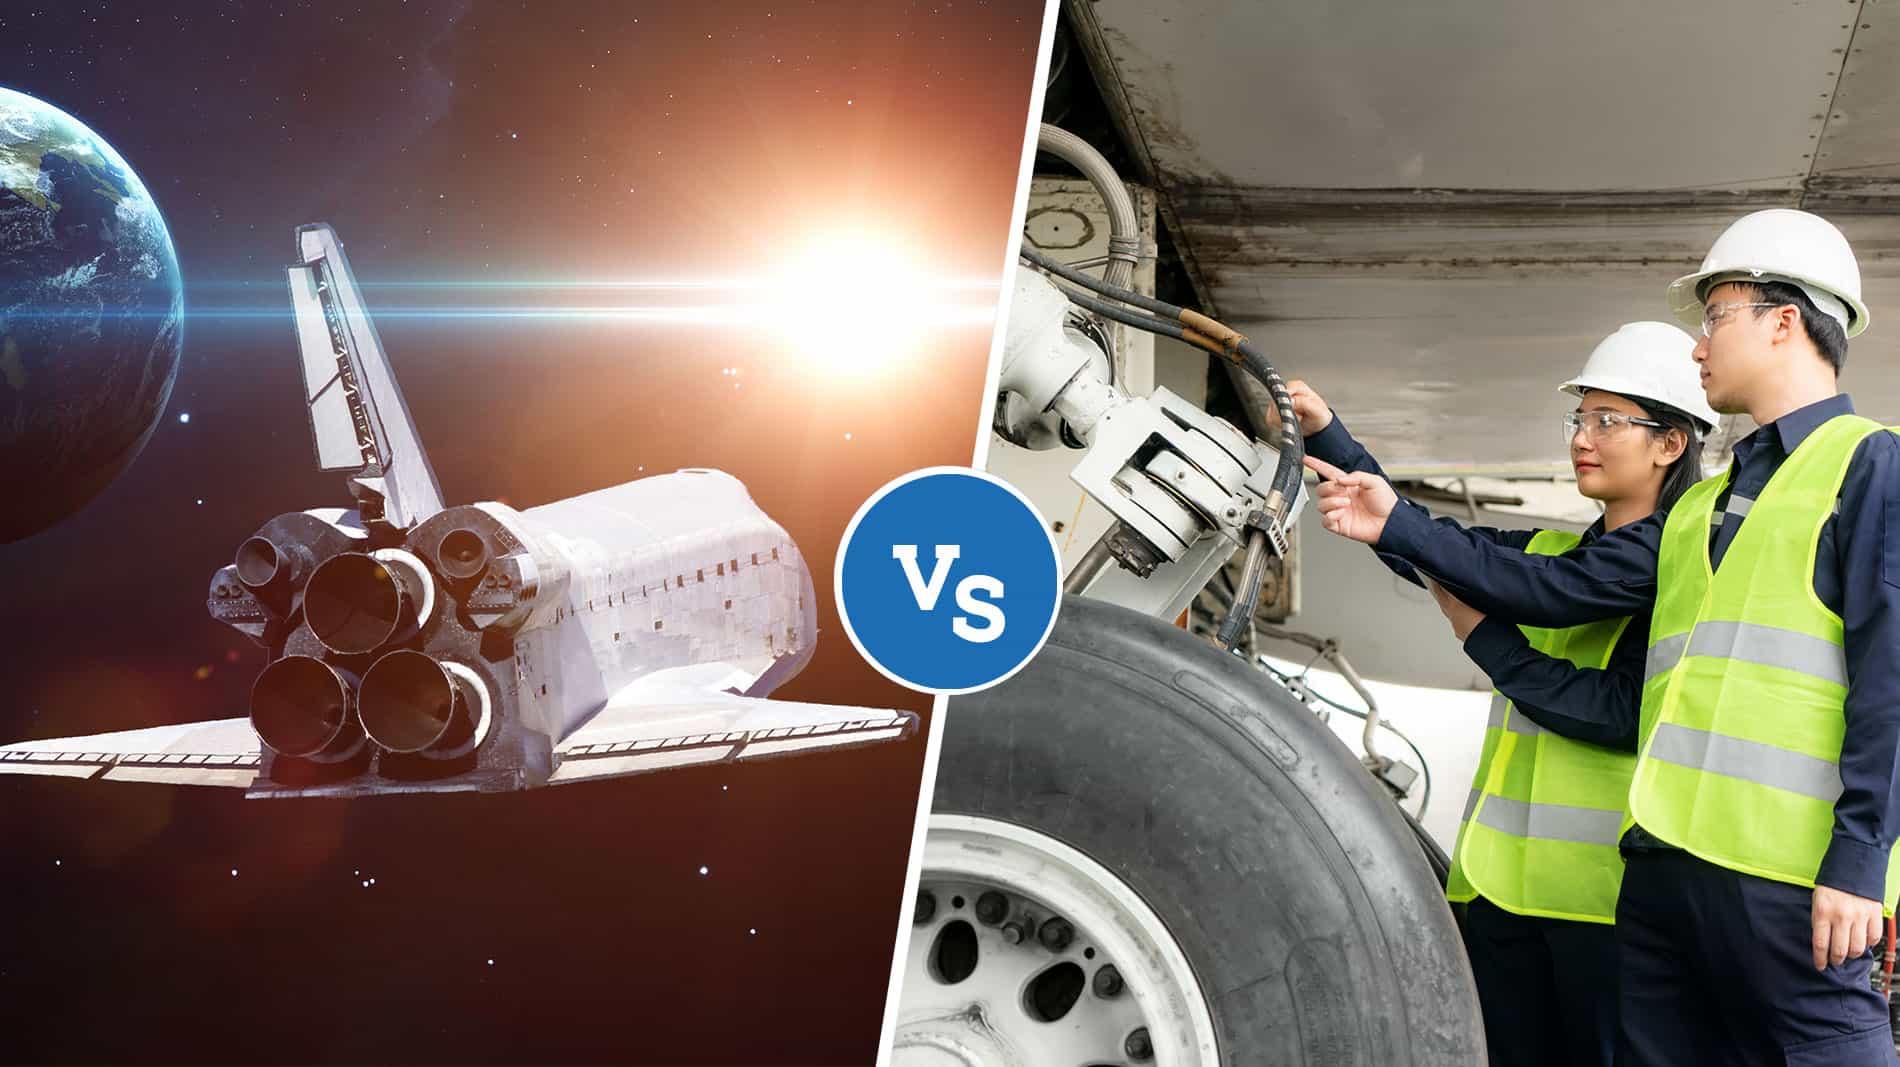 Aeronautical-vs-aerospace-engineering